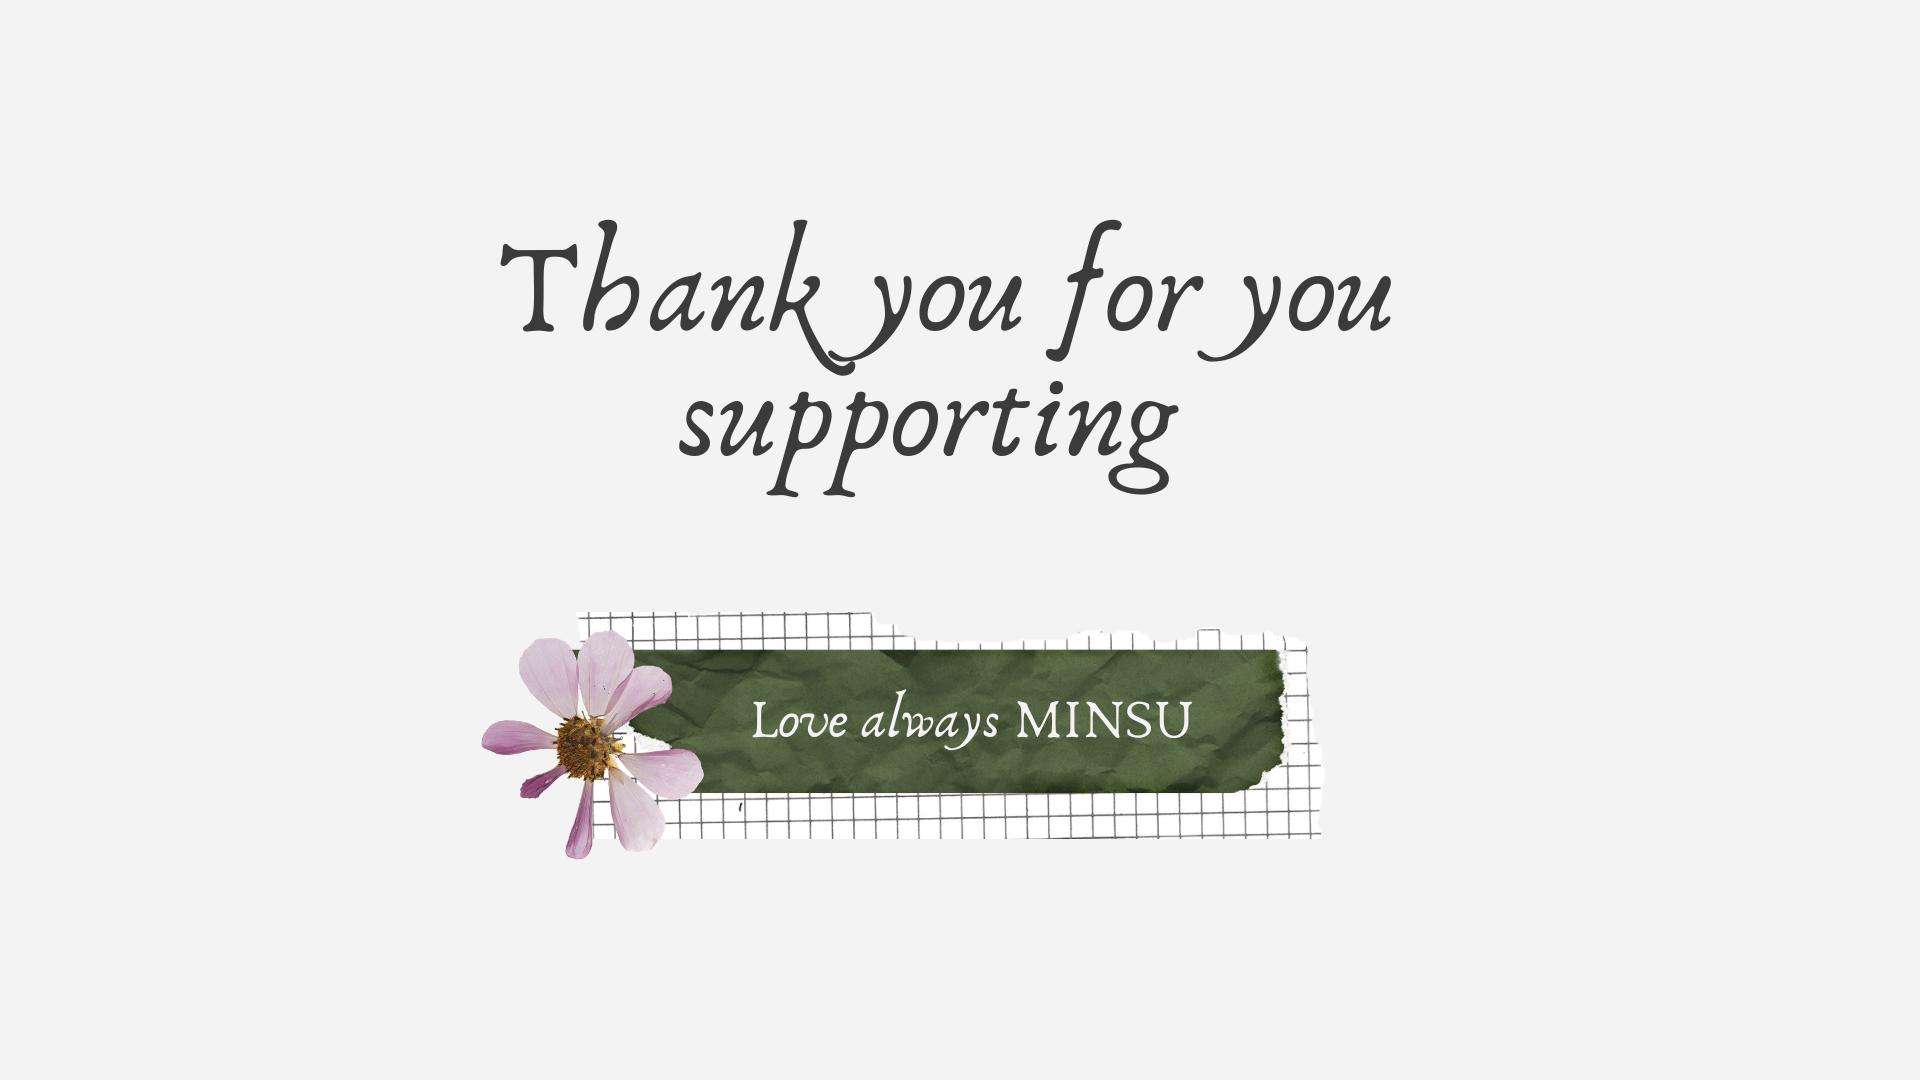 Shop giày MINSU cảm ơn quý khách